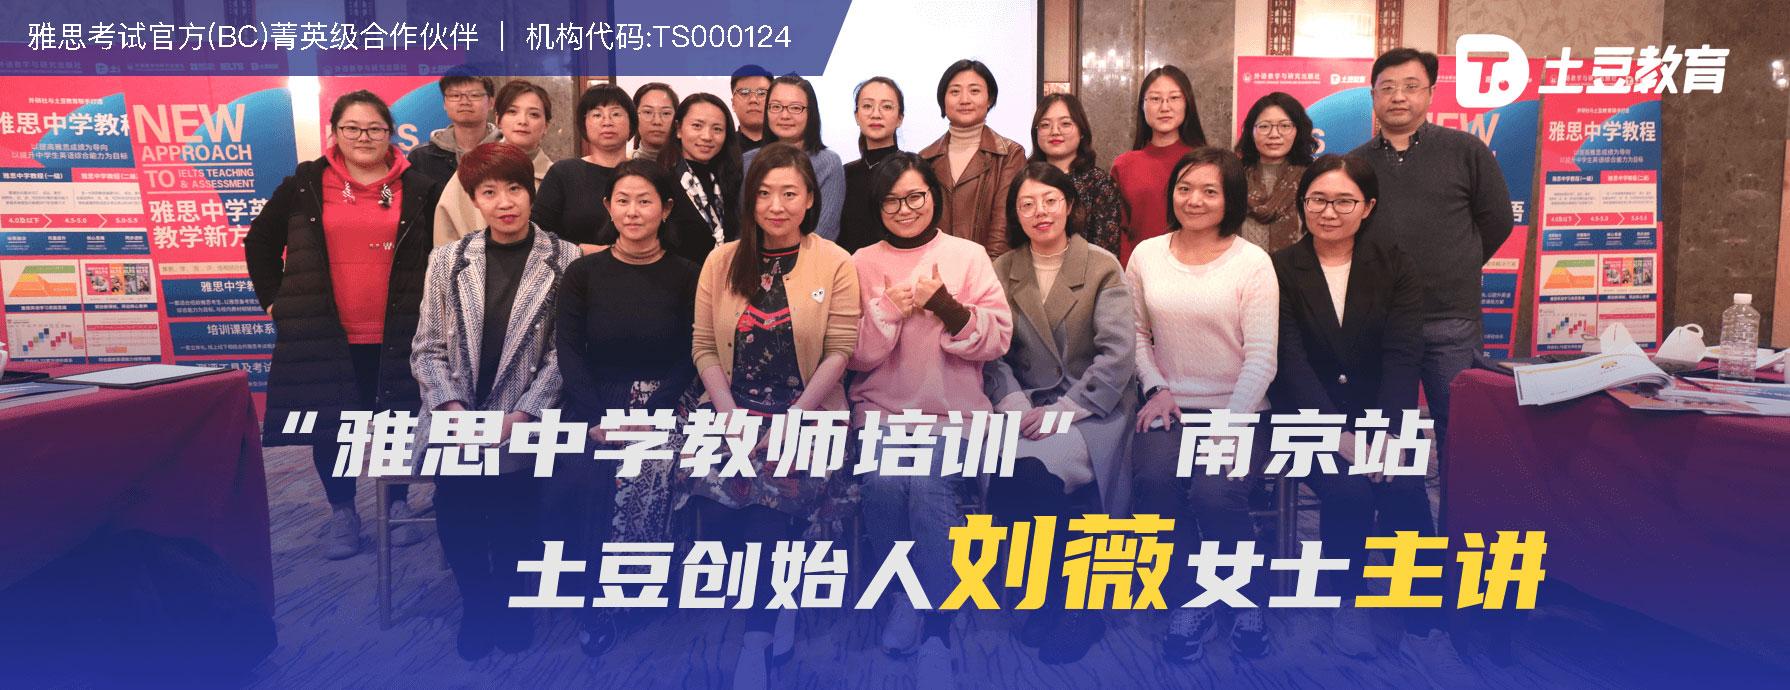 """""""雅思中学教师培训"""" 南京站,土豆创始人刘薇女士主讲"""